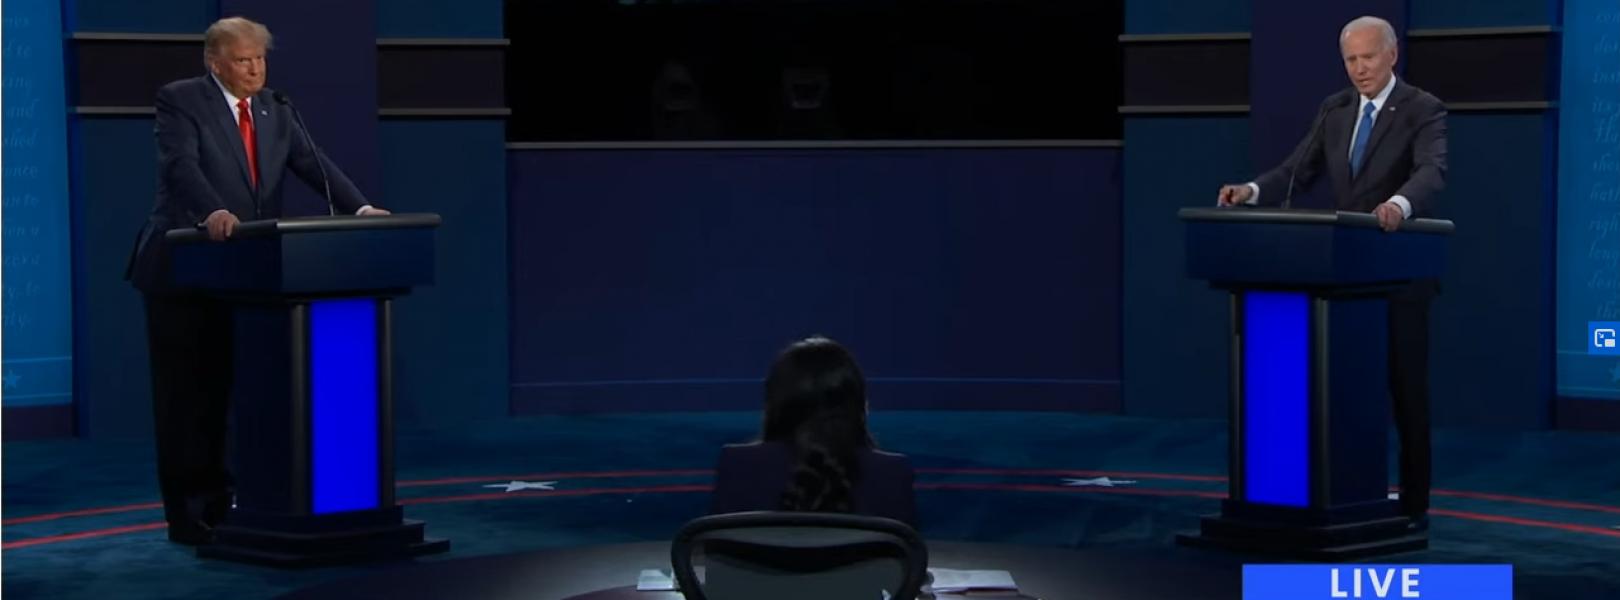 20201023 Presidential Debate